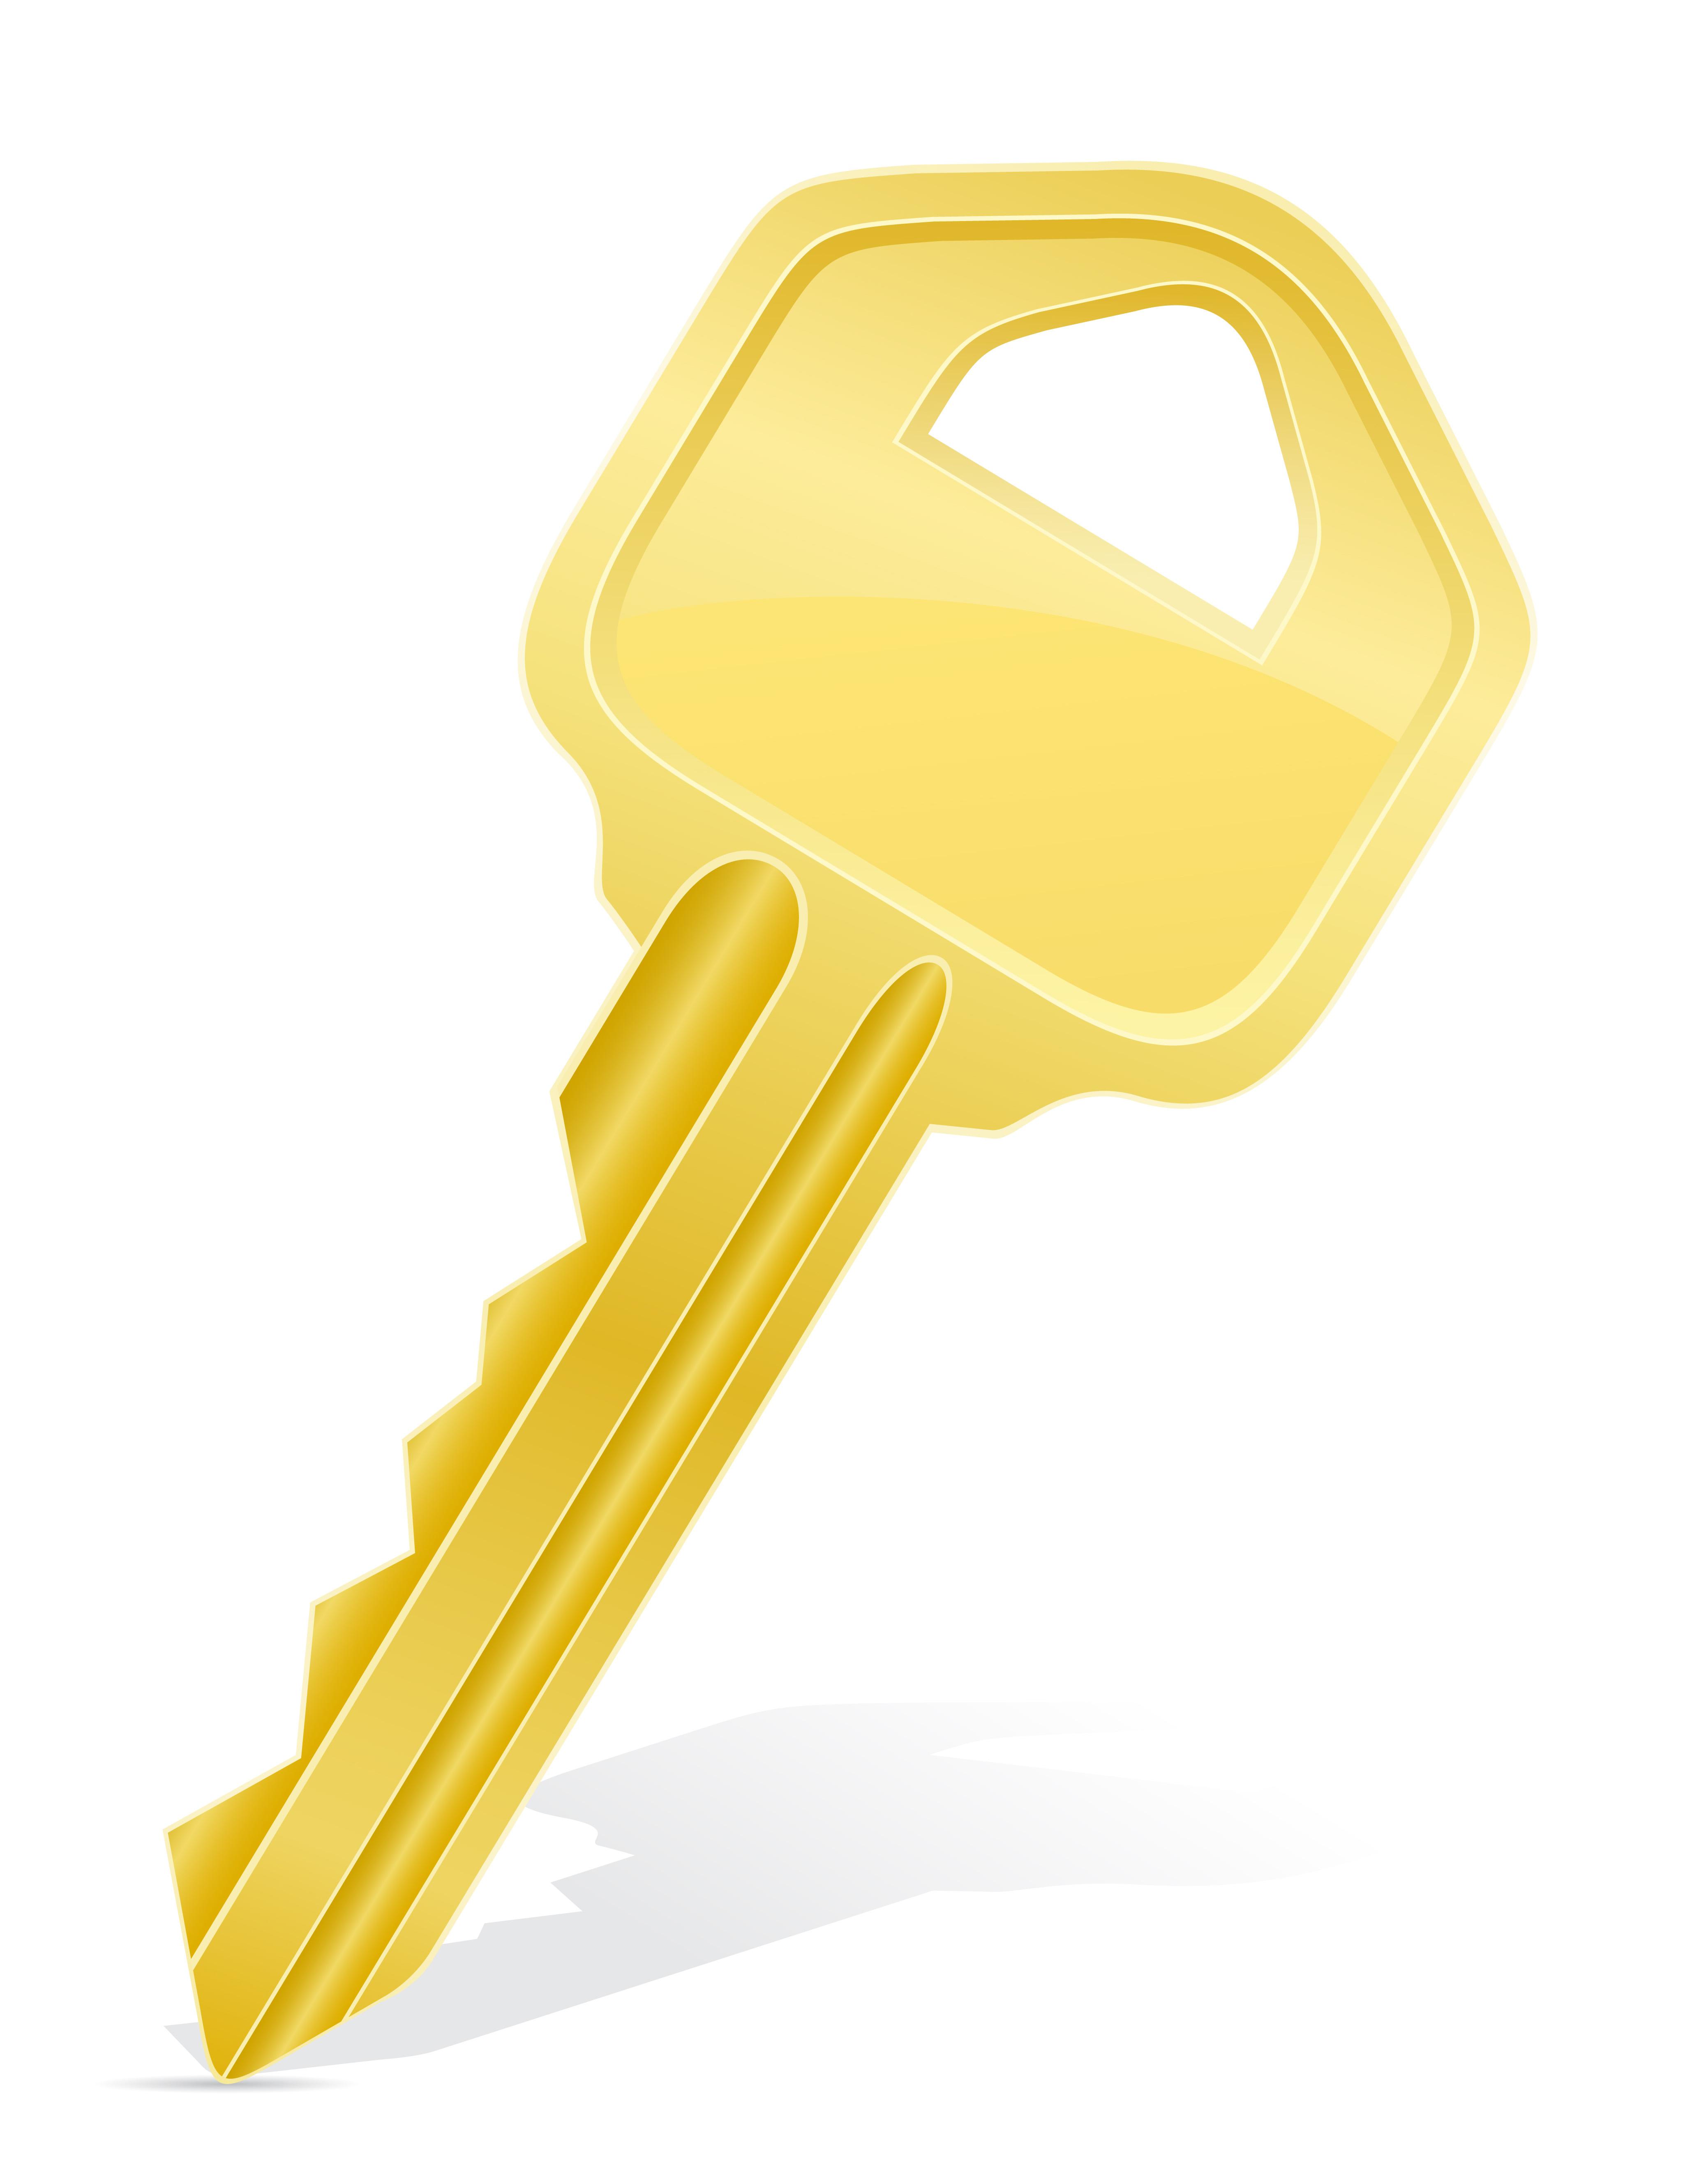 Vector Key Illustration: Key Door Lock Vector Illustration